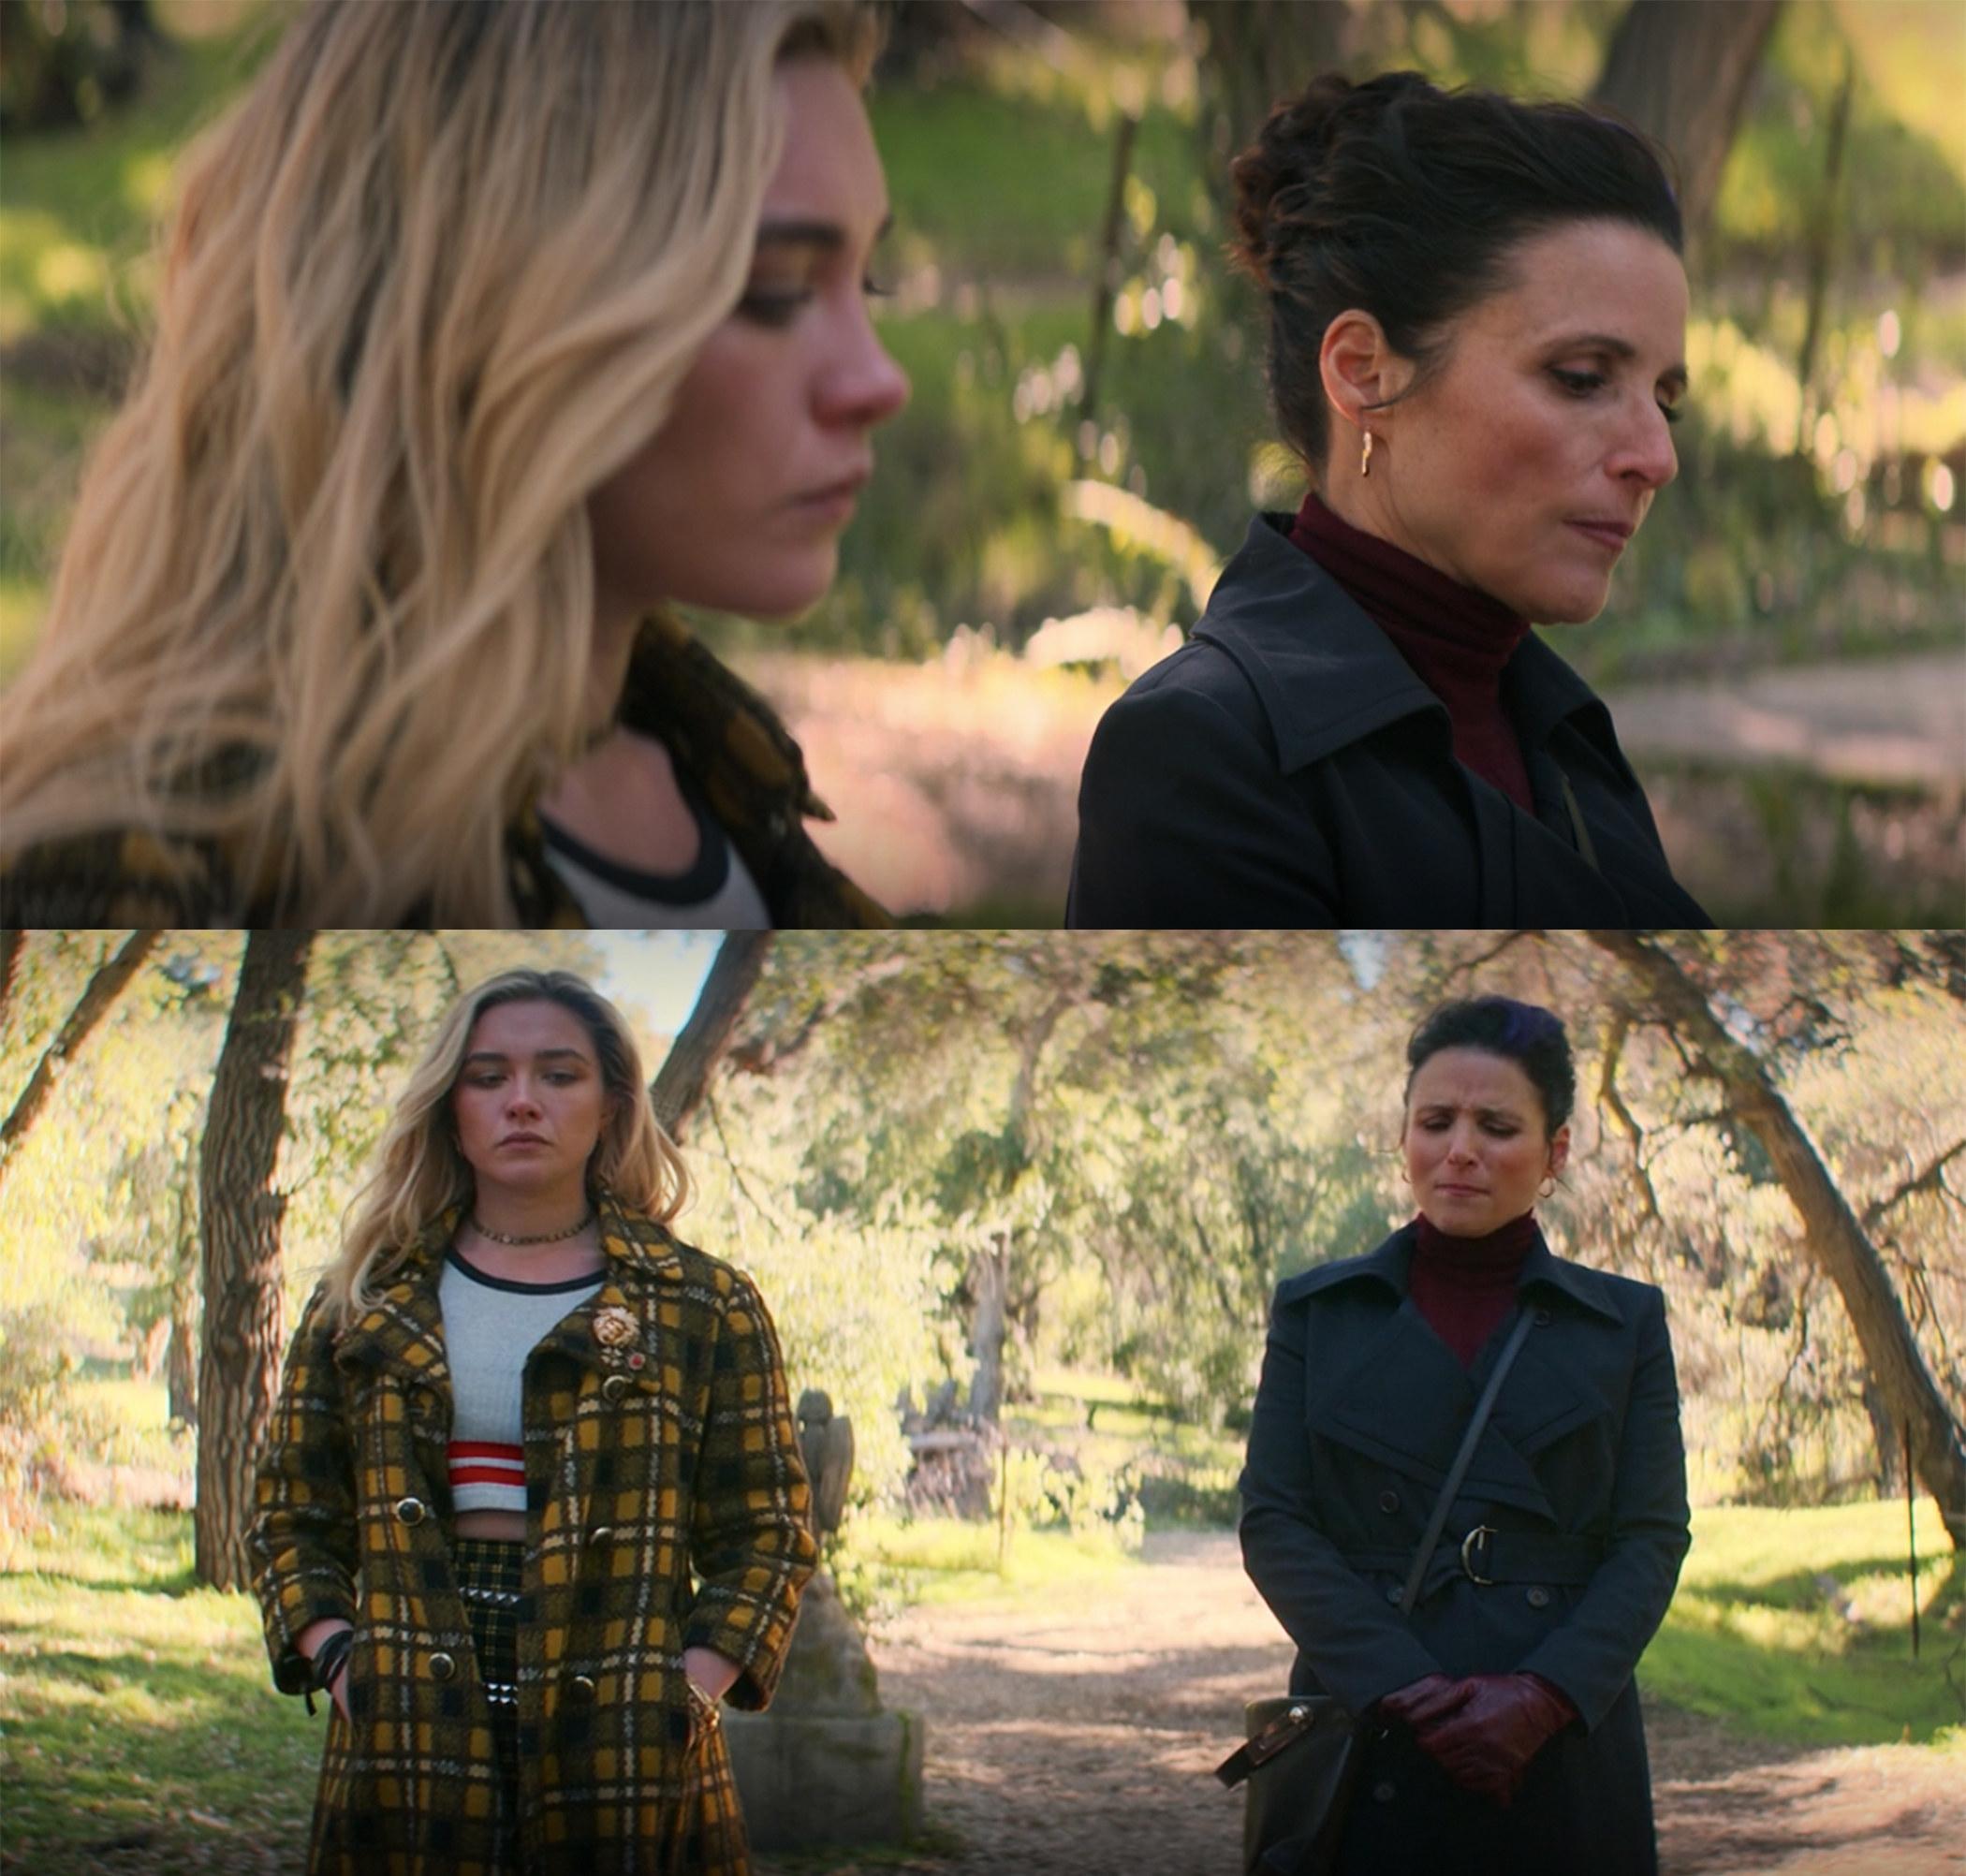 Val meets Yelena at Nat's grave